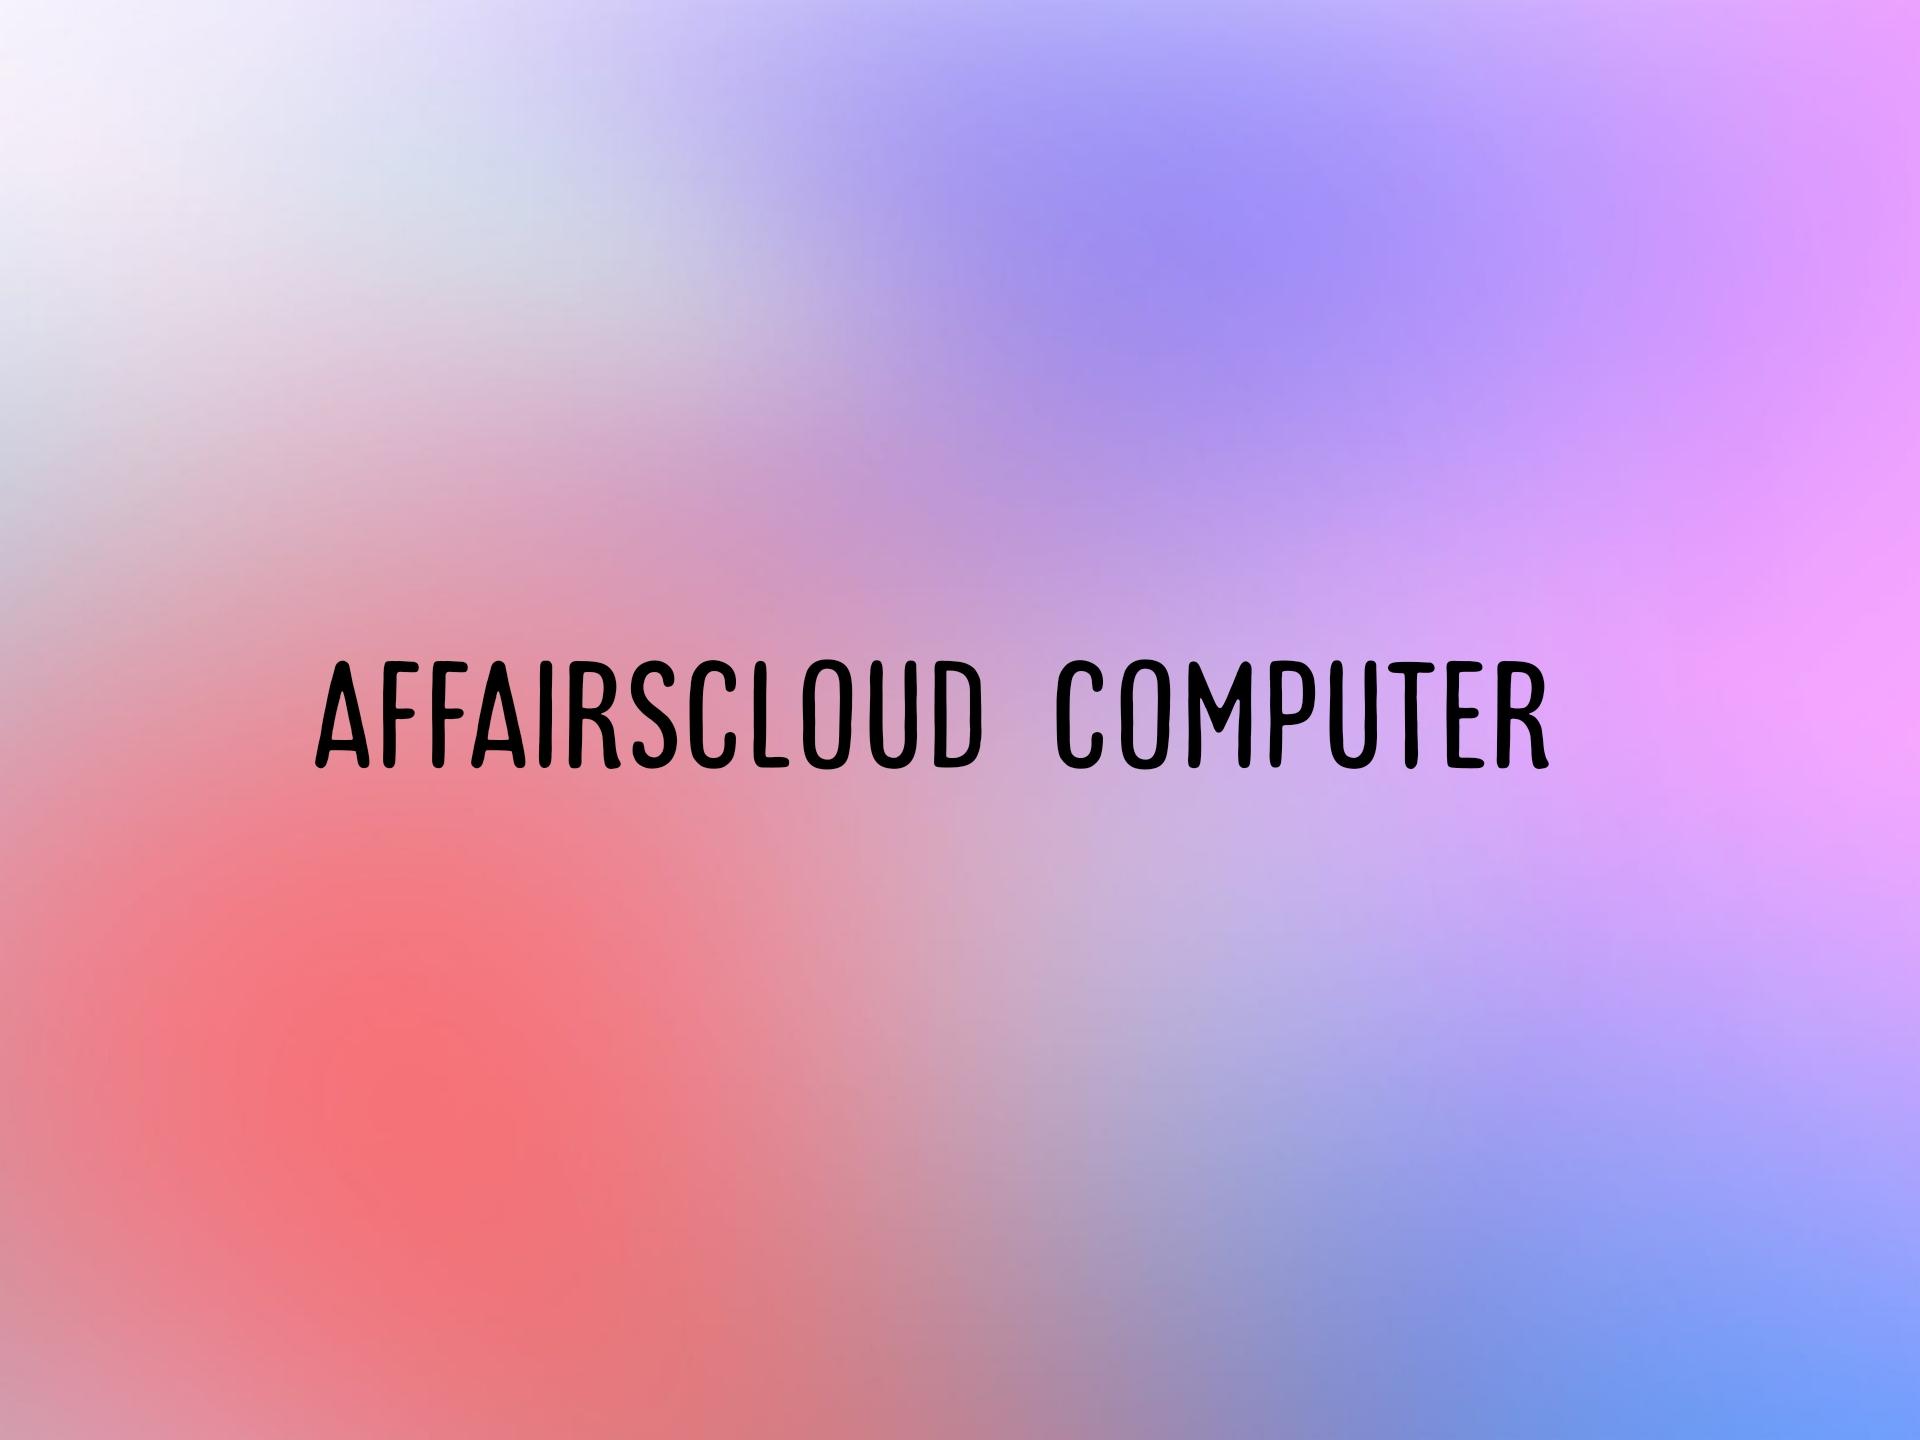 affairscloud computer website link,affairscloud computer website ,affairscloud computer,affairscloud computer book